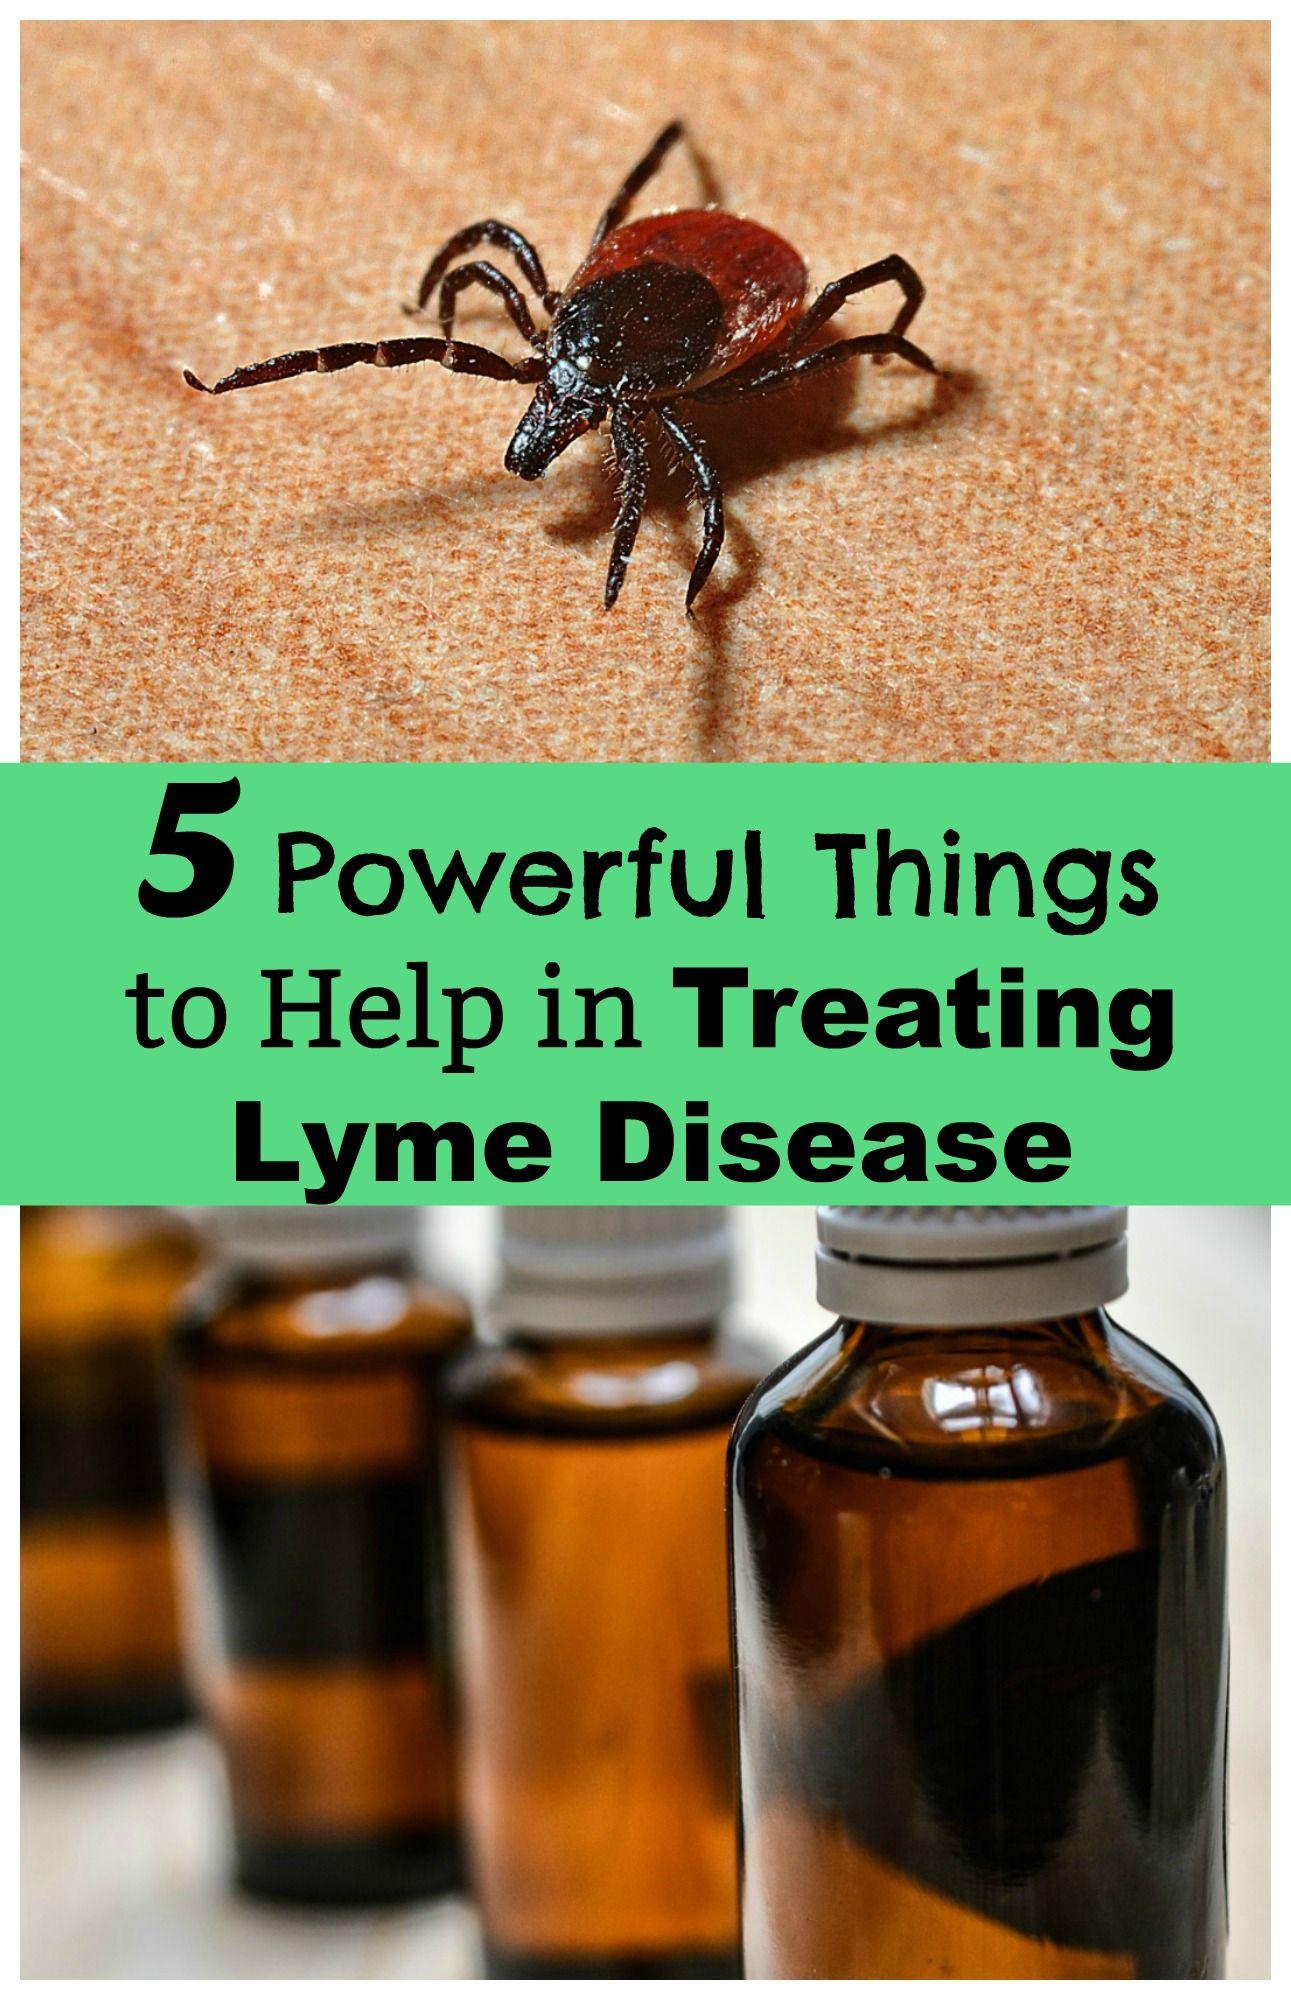 Five powerful things to help in treating lyme disease